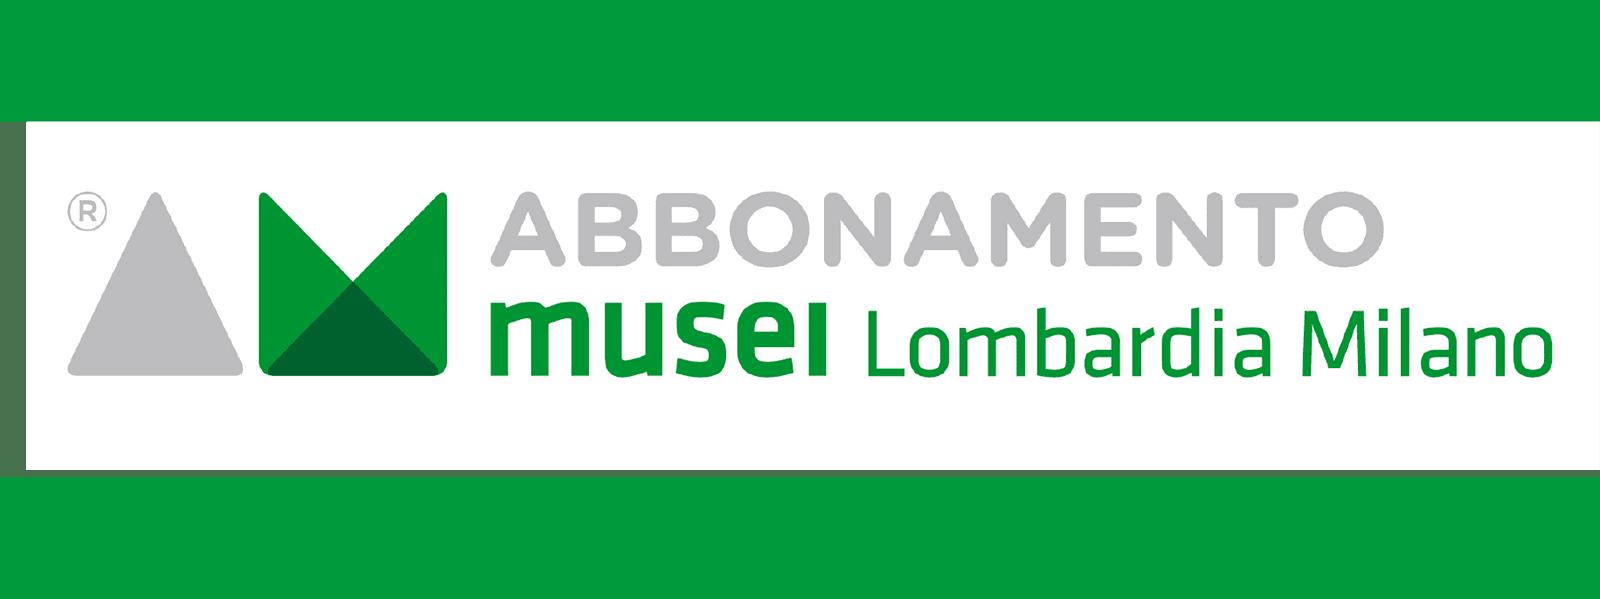 Abbonamento musei lombardia un unica tessera per 80 siti - Cose di casa abbonamento ...